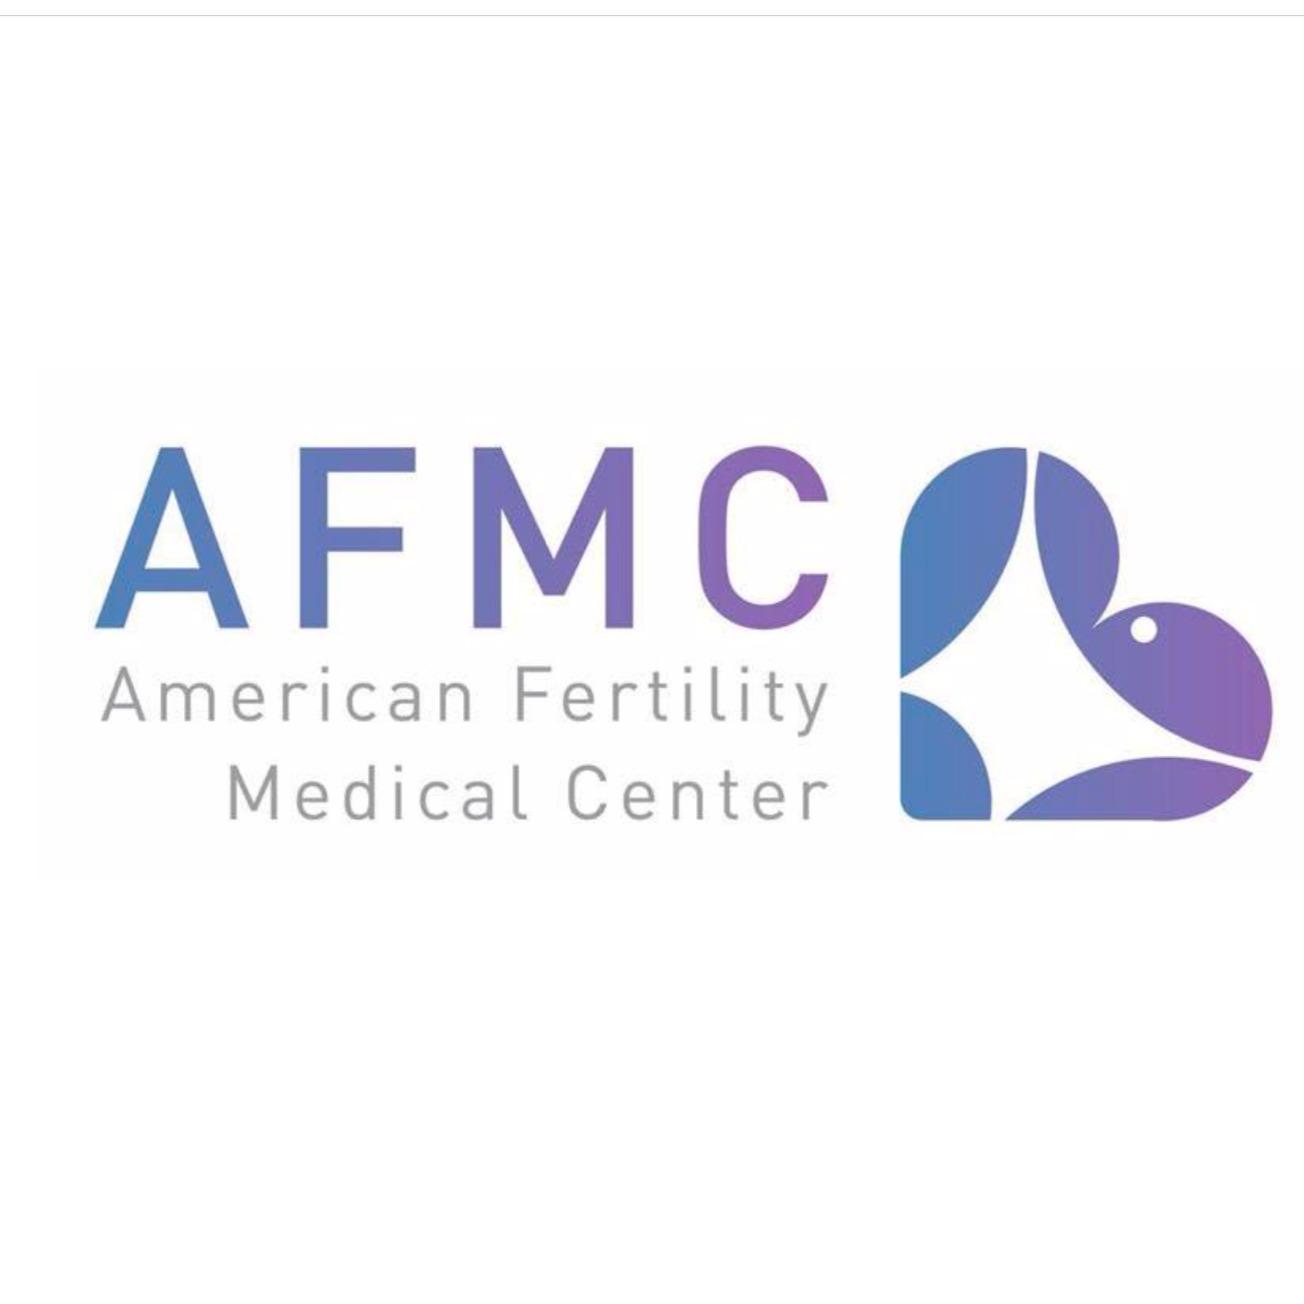 美国艾弗生殖医学中心 American Fertility Medical Center